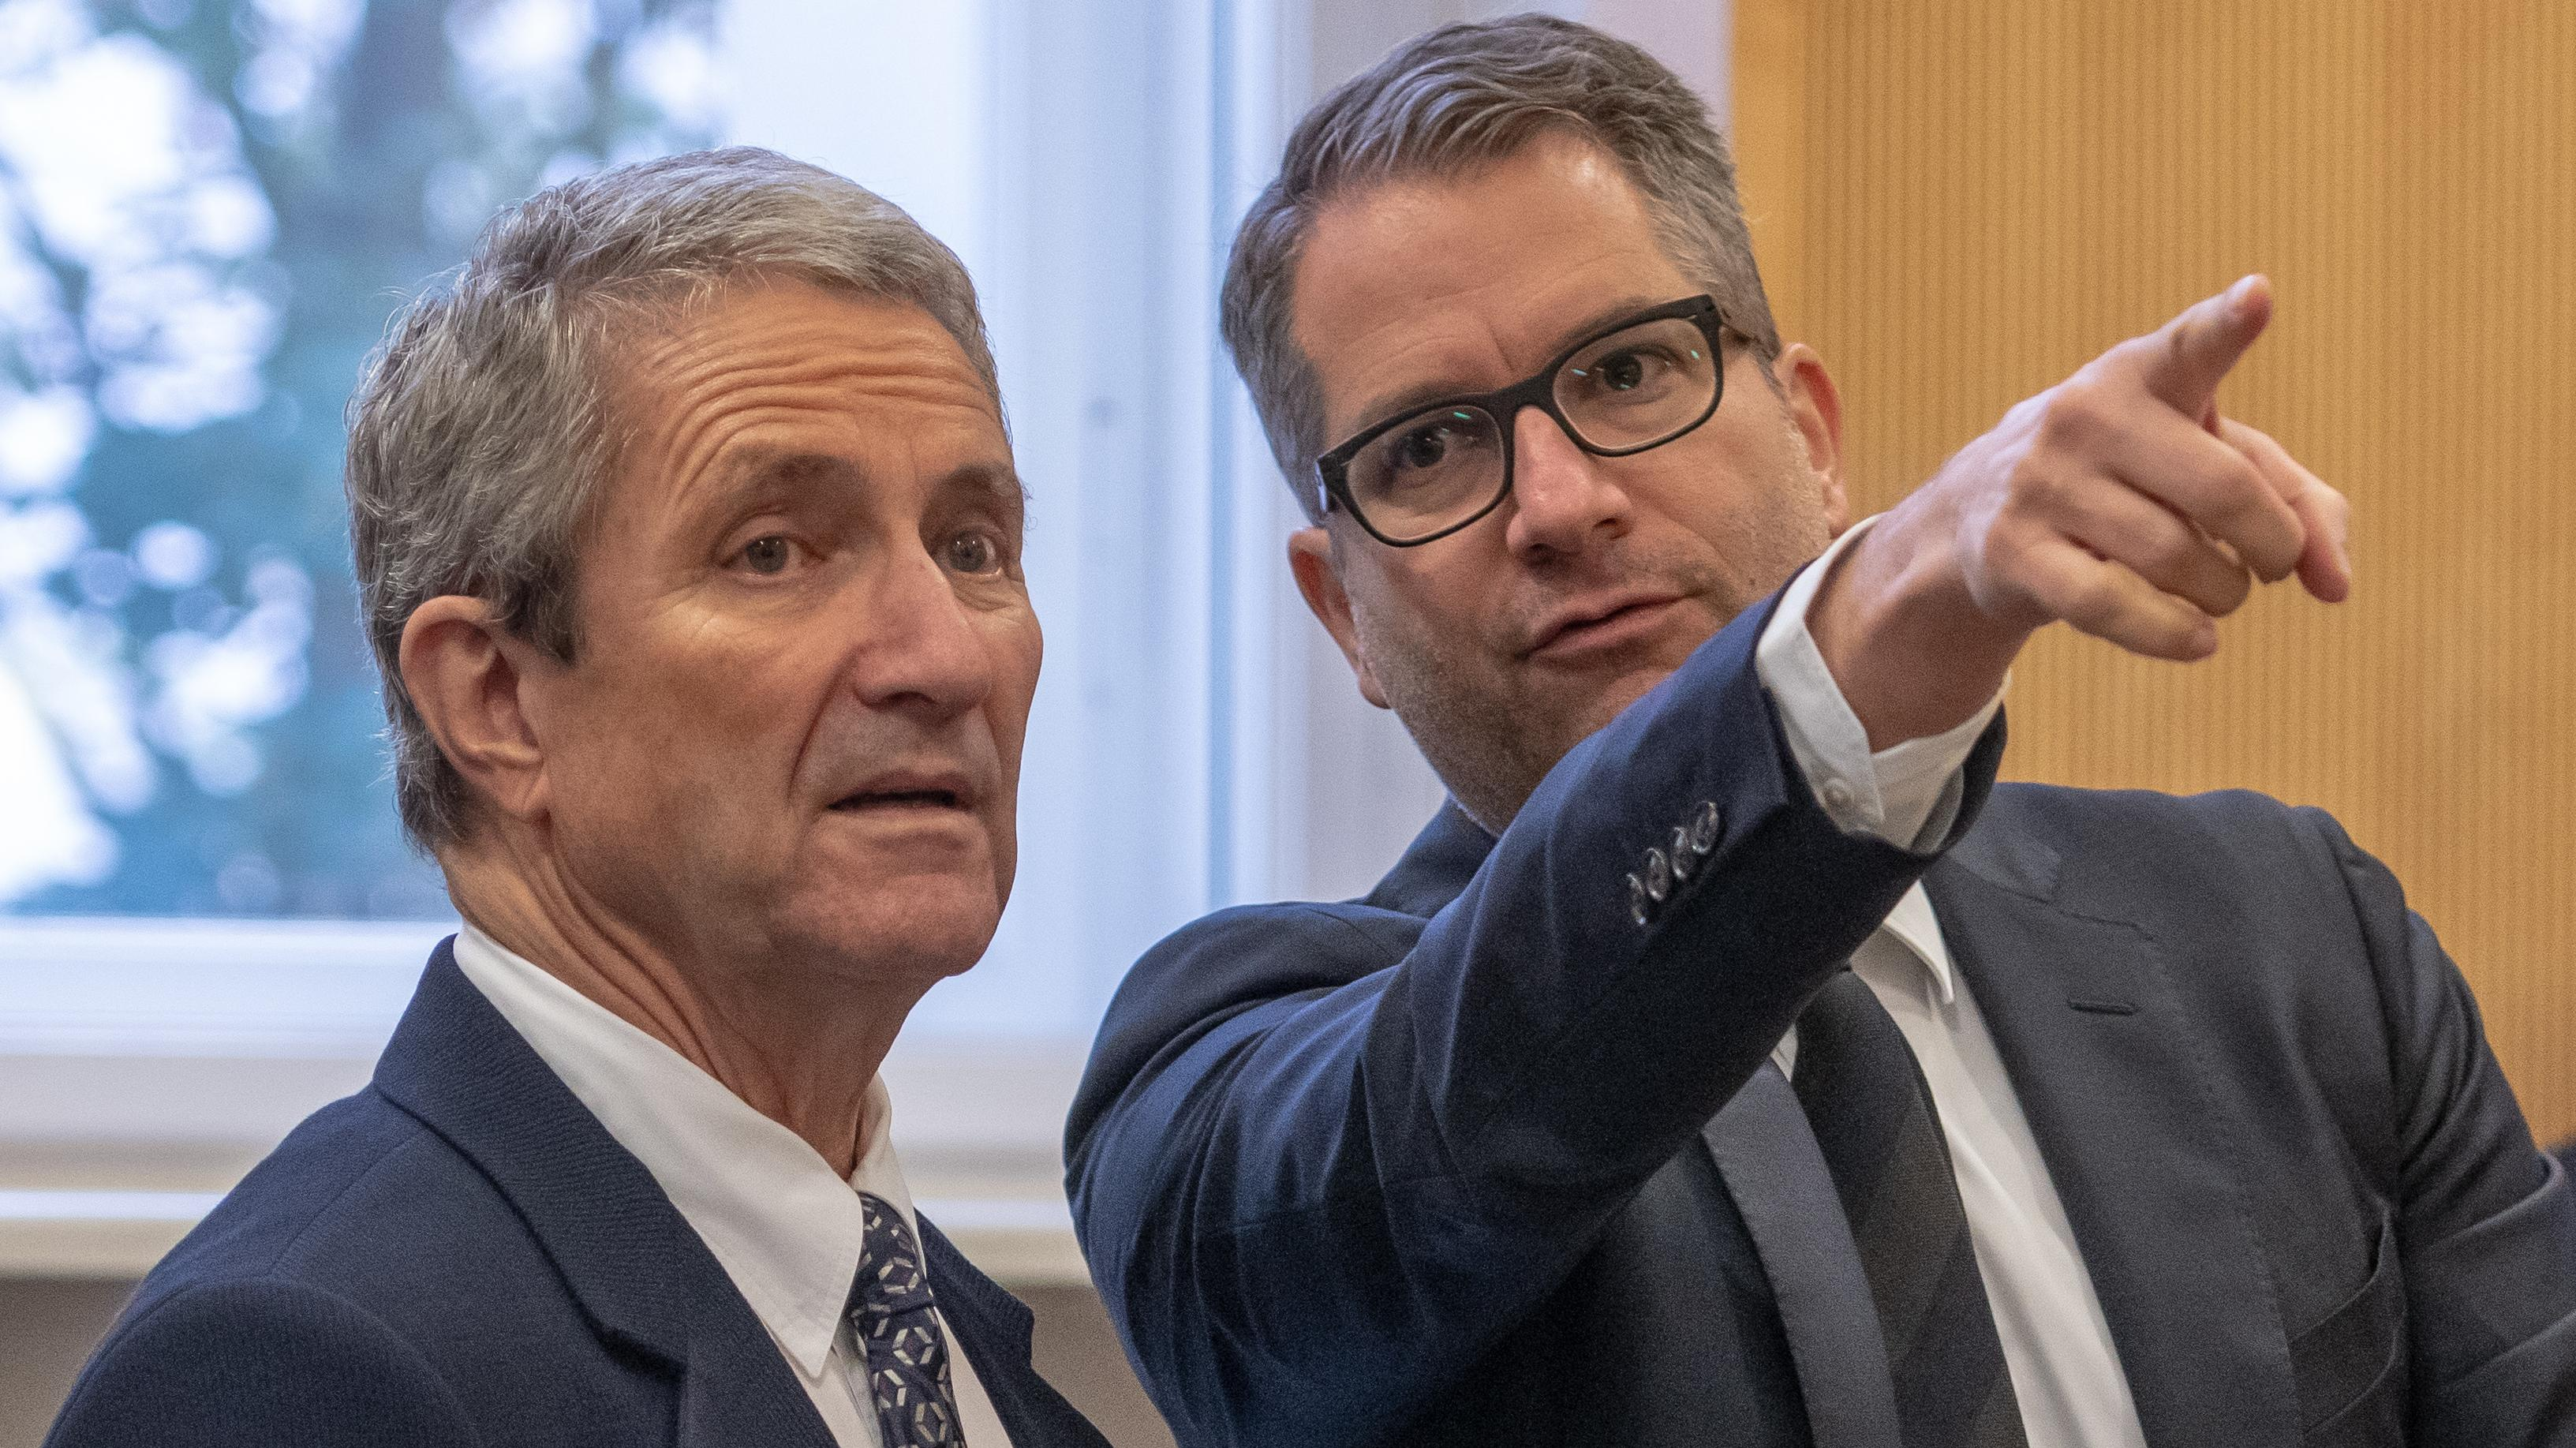 Bauträger Volker Tretzel (Links) spricht im Gerichtssaal des Landgerichts mit seinem Verteidiger Florian Ufer